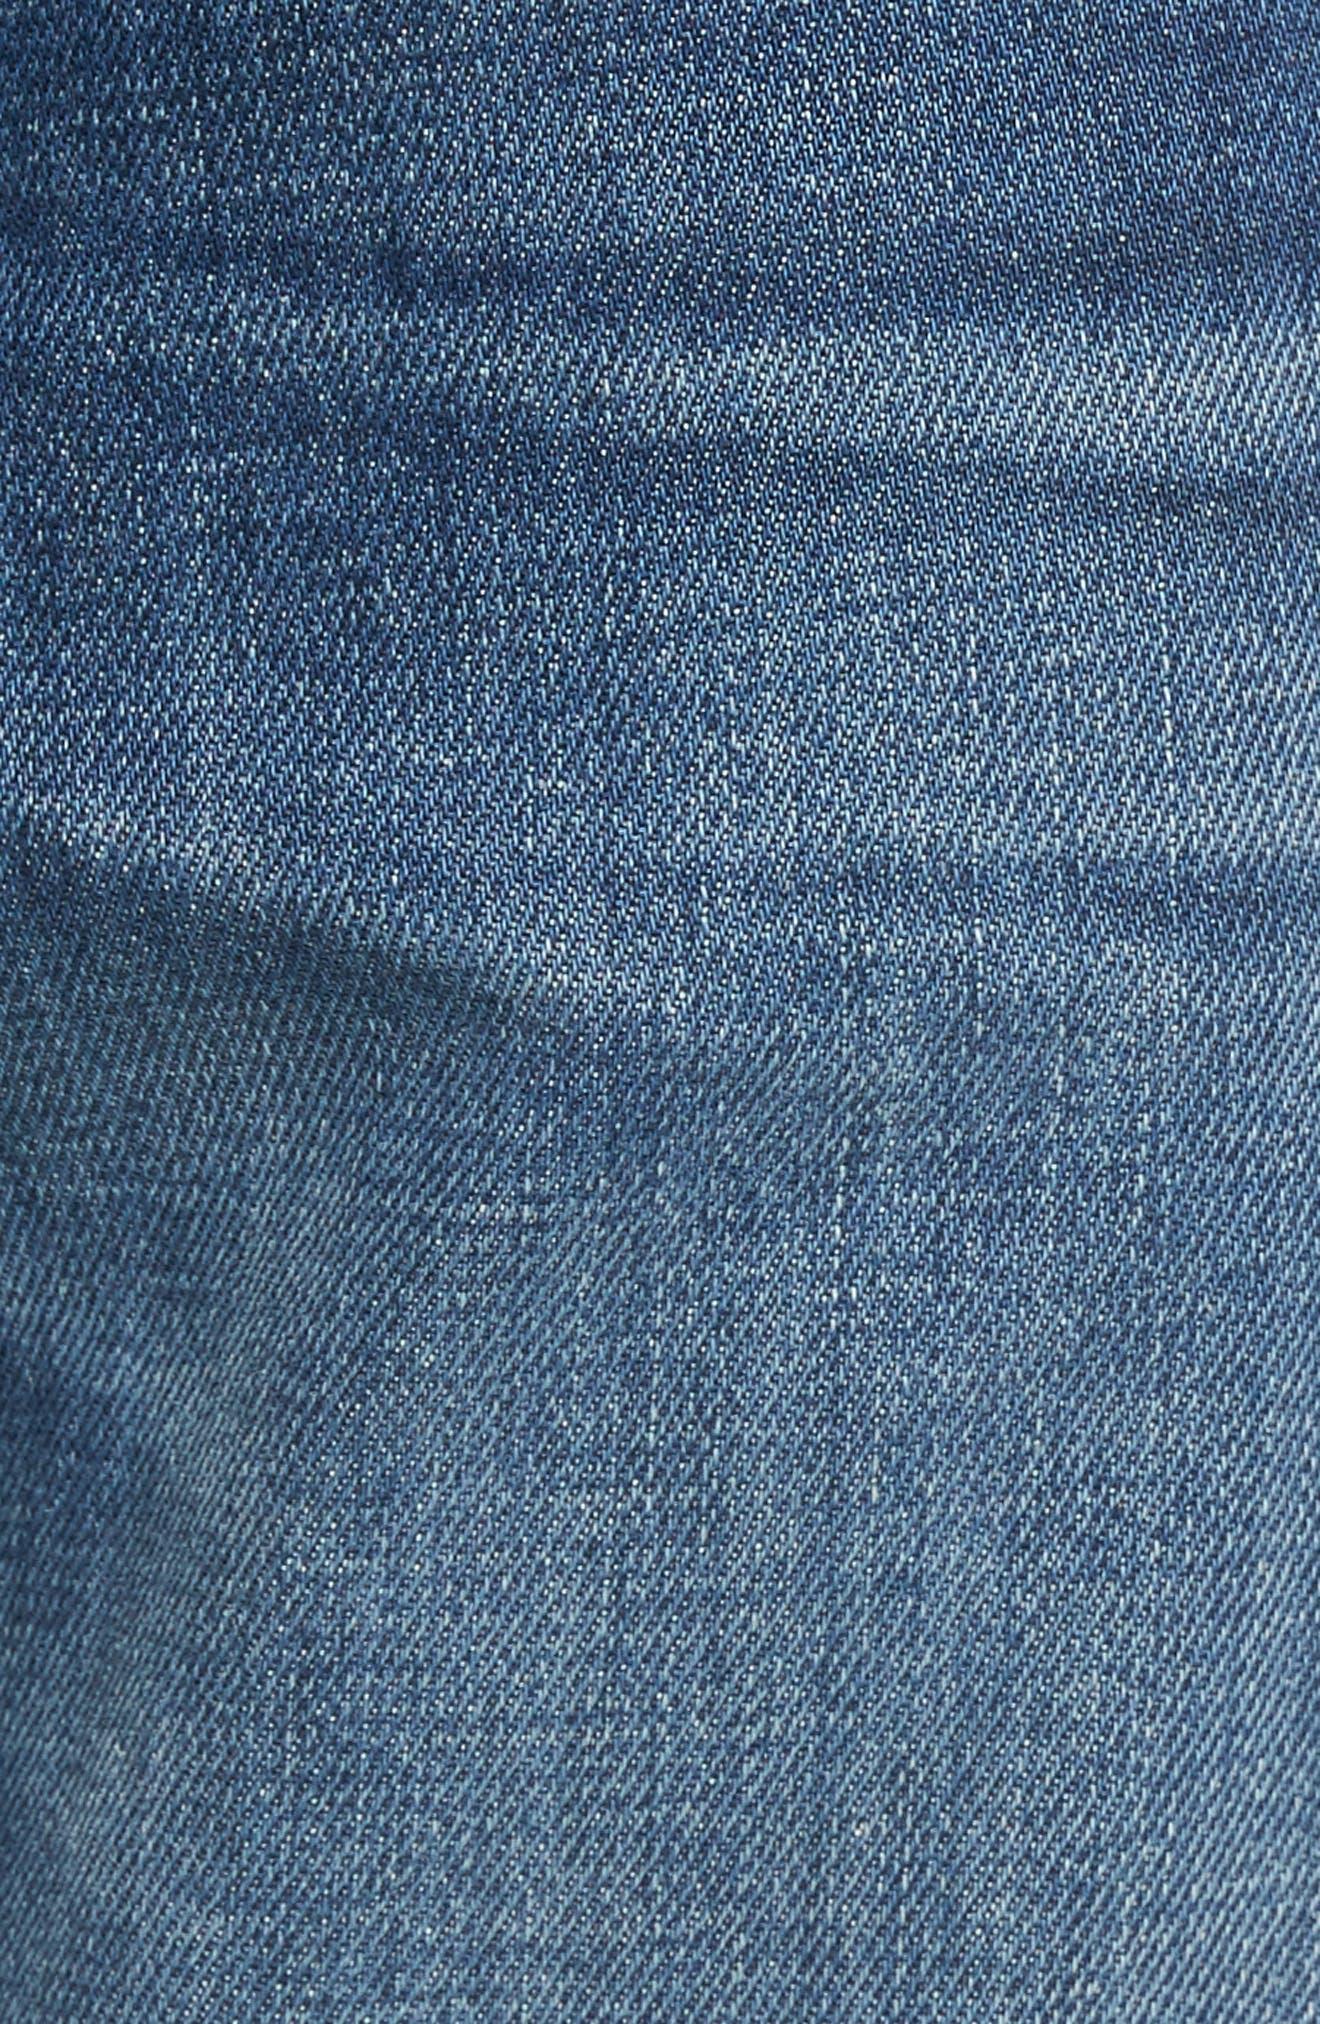 Adrien Slim Fit Jeans,                             Alternate thumbnail 5, color,                             403